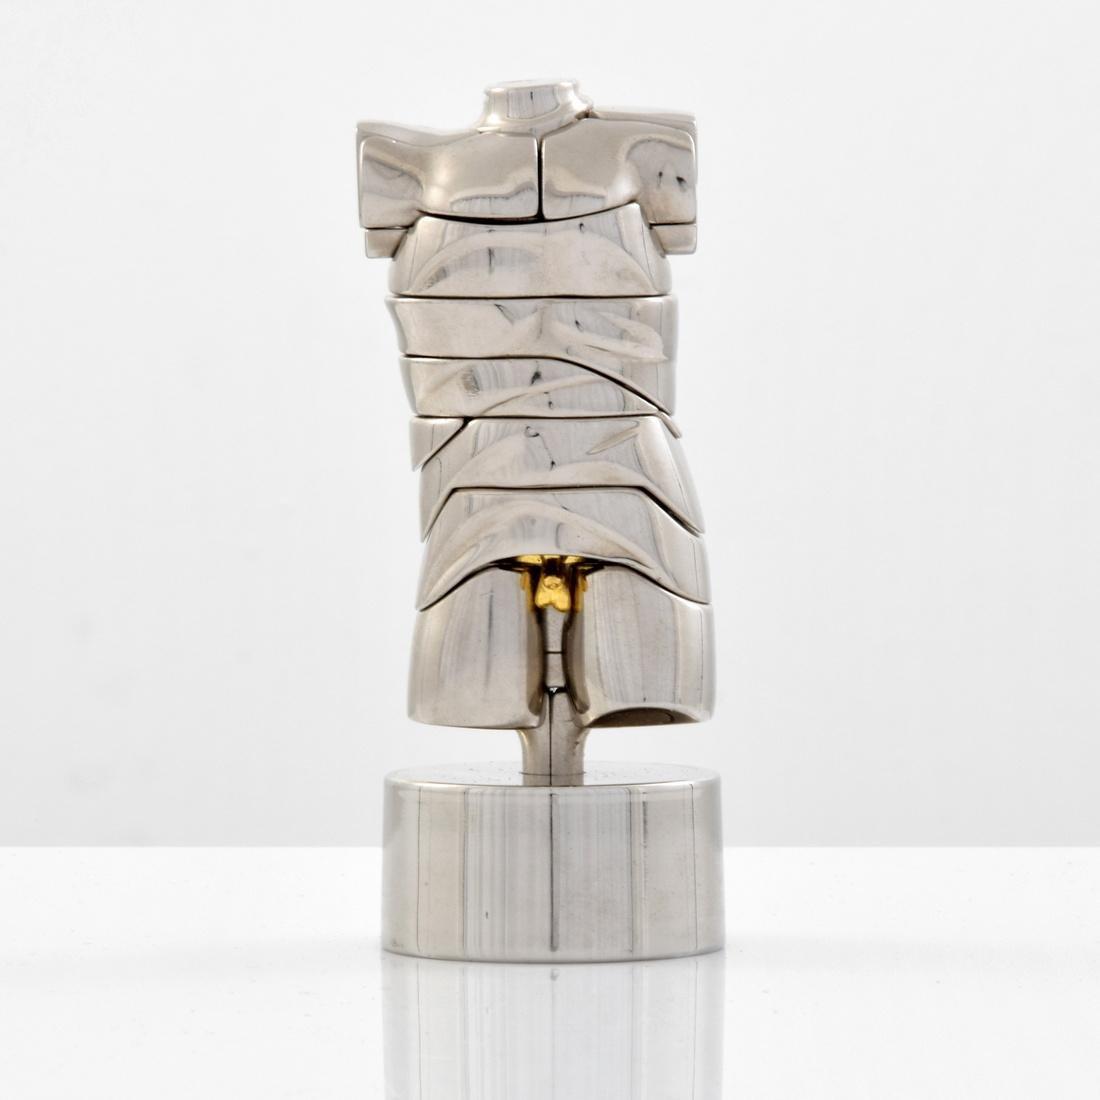 Miguel Berrocal MINI DAVID Sculpture/Puzzle